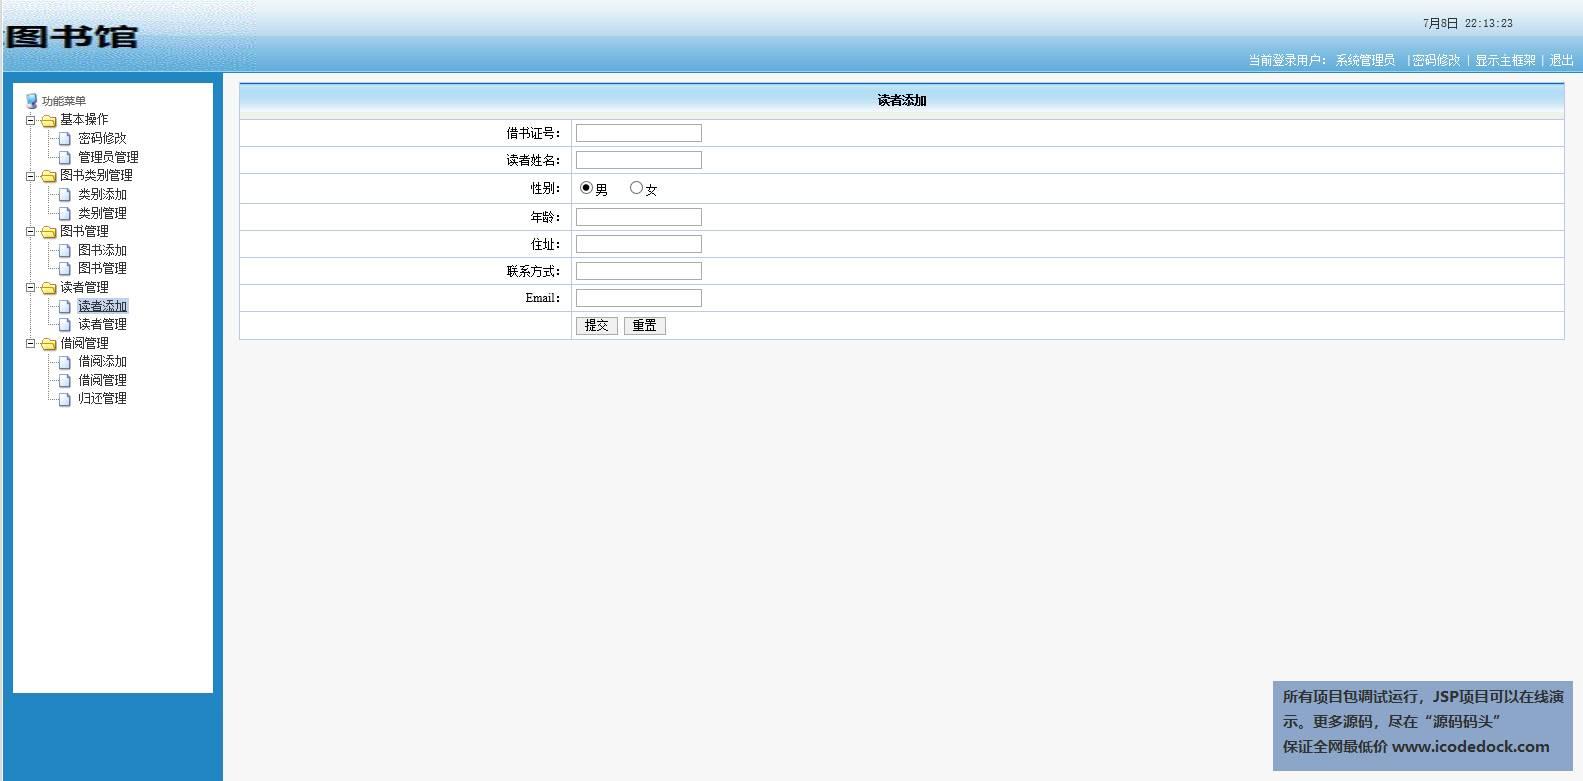 源码码头-JSP图书管理系统-读者添加